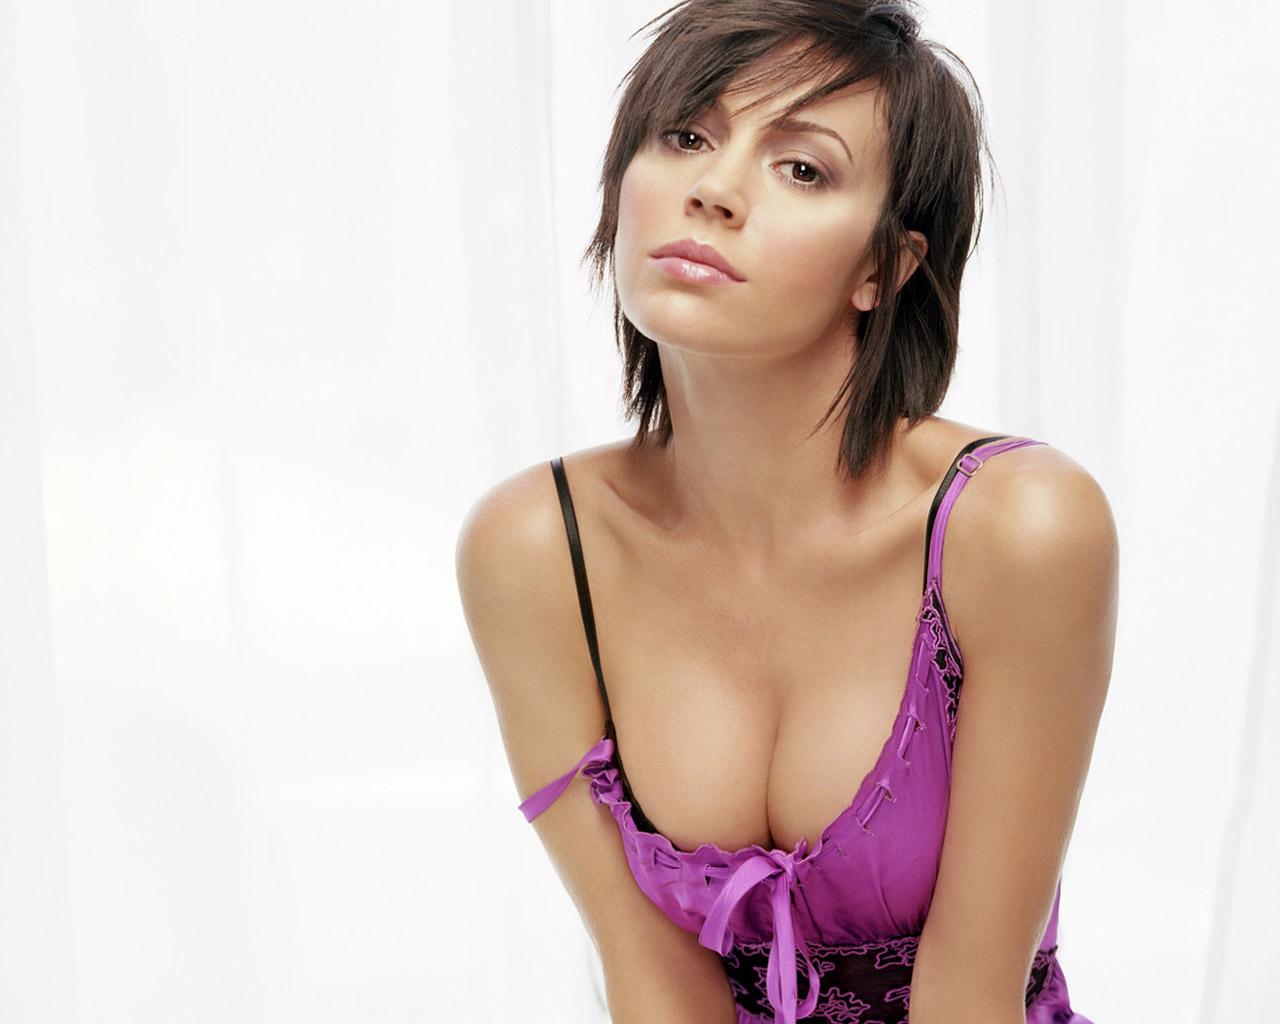 Alyssa Milano Breast Implants alyssa milano plastic surgery